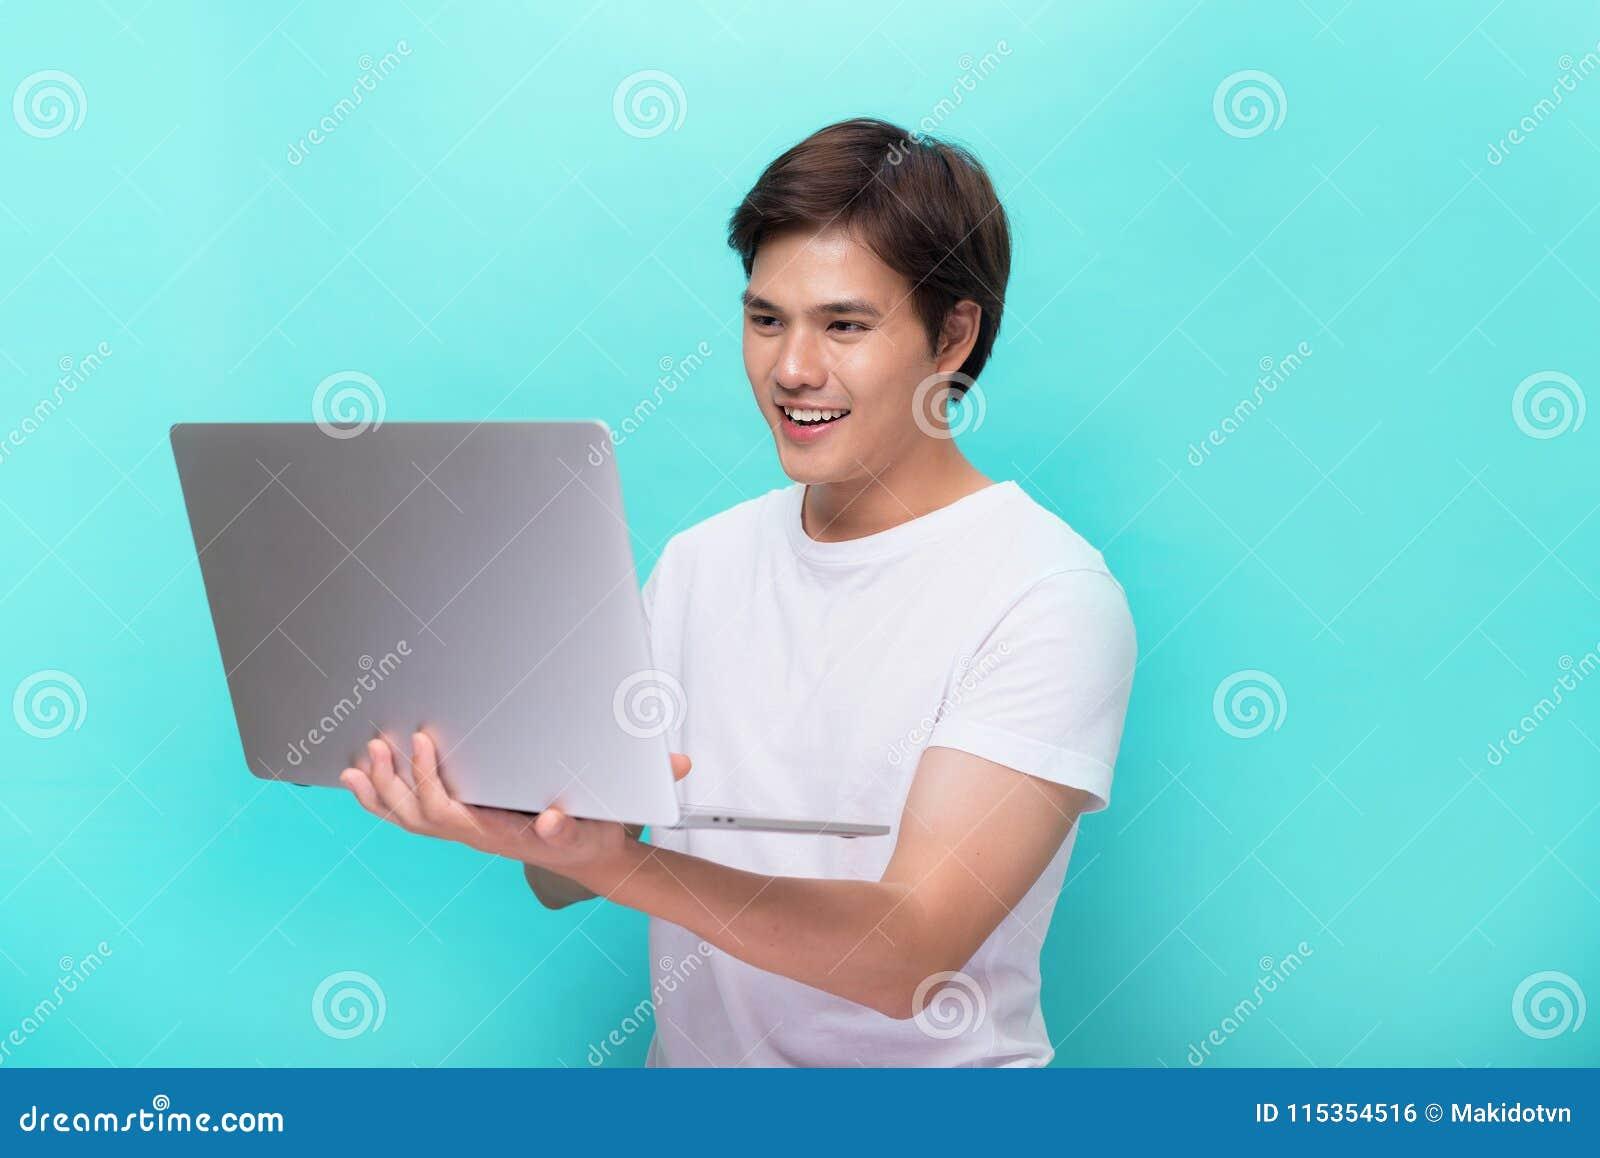 Porträt des lächelnden jungen Mannes mit dem Laptop lokalisiert auf Blau